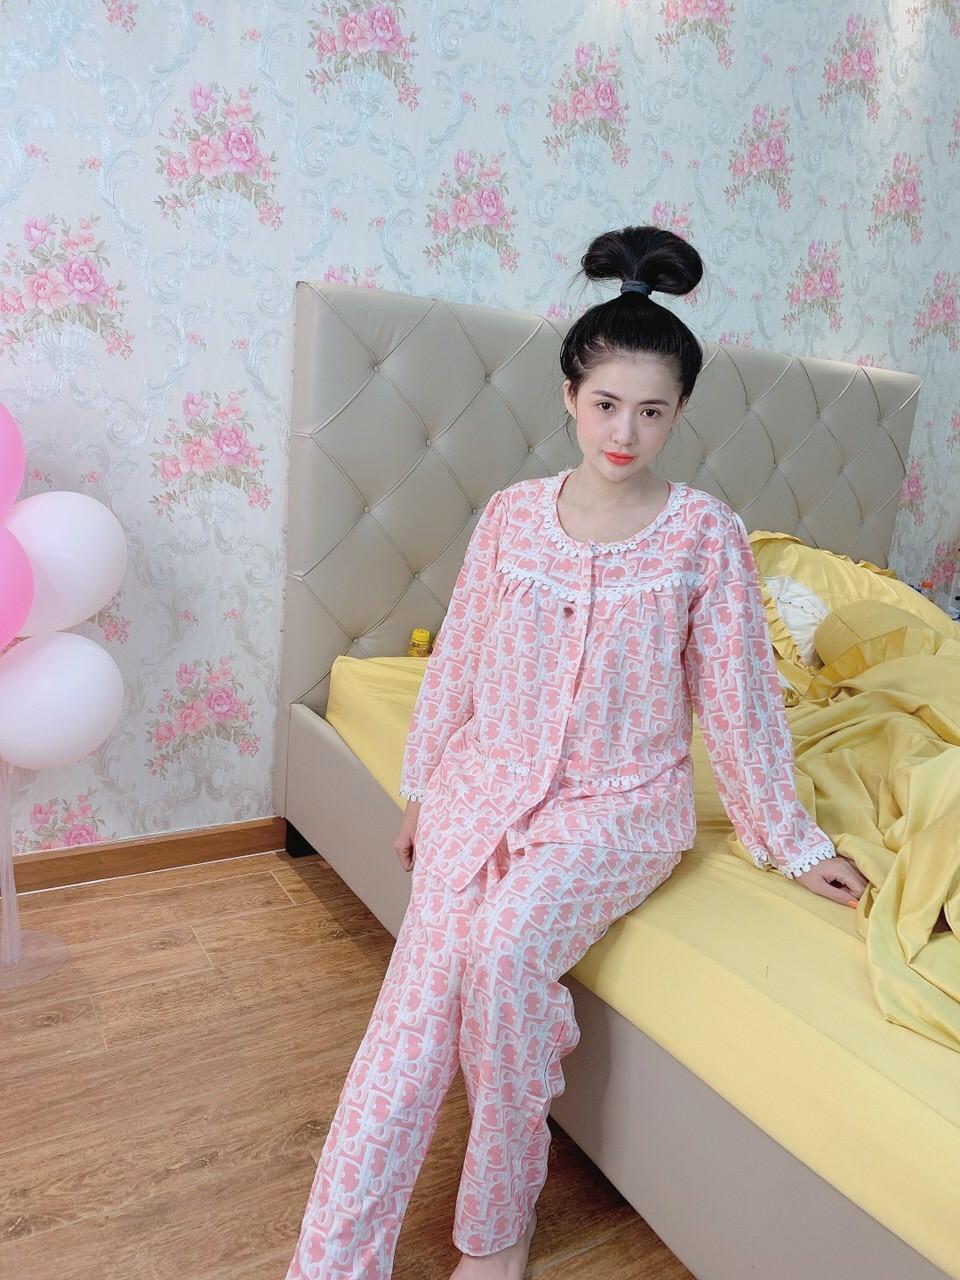 Mẫu đồ bộ mặc ở nhà vải tôn màu hồng